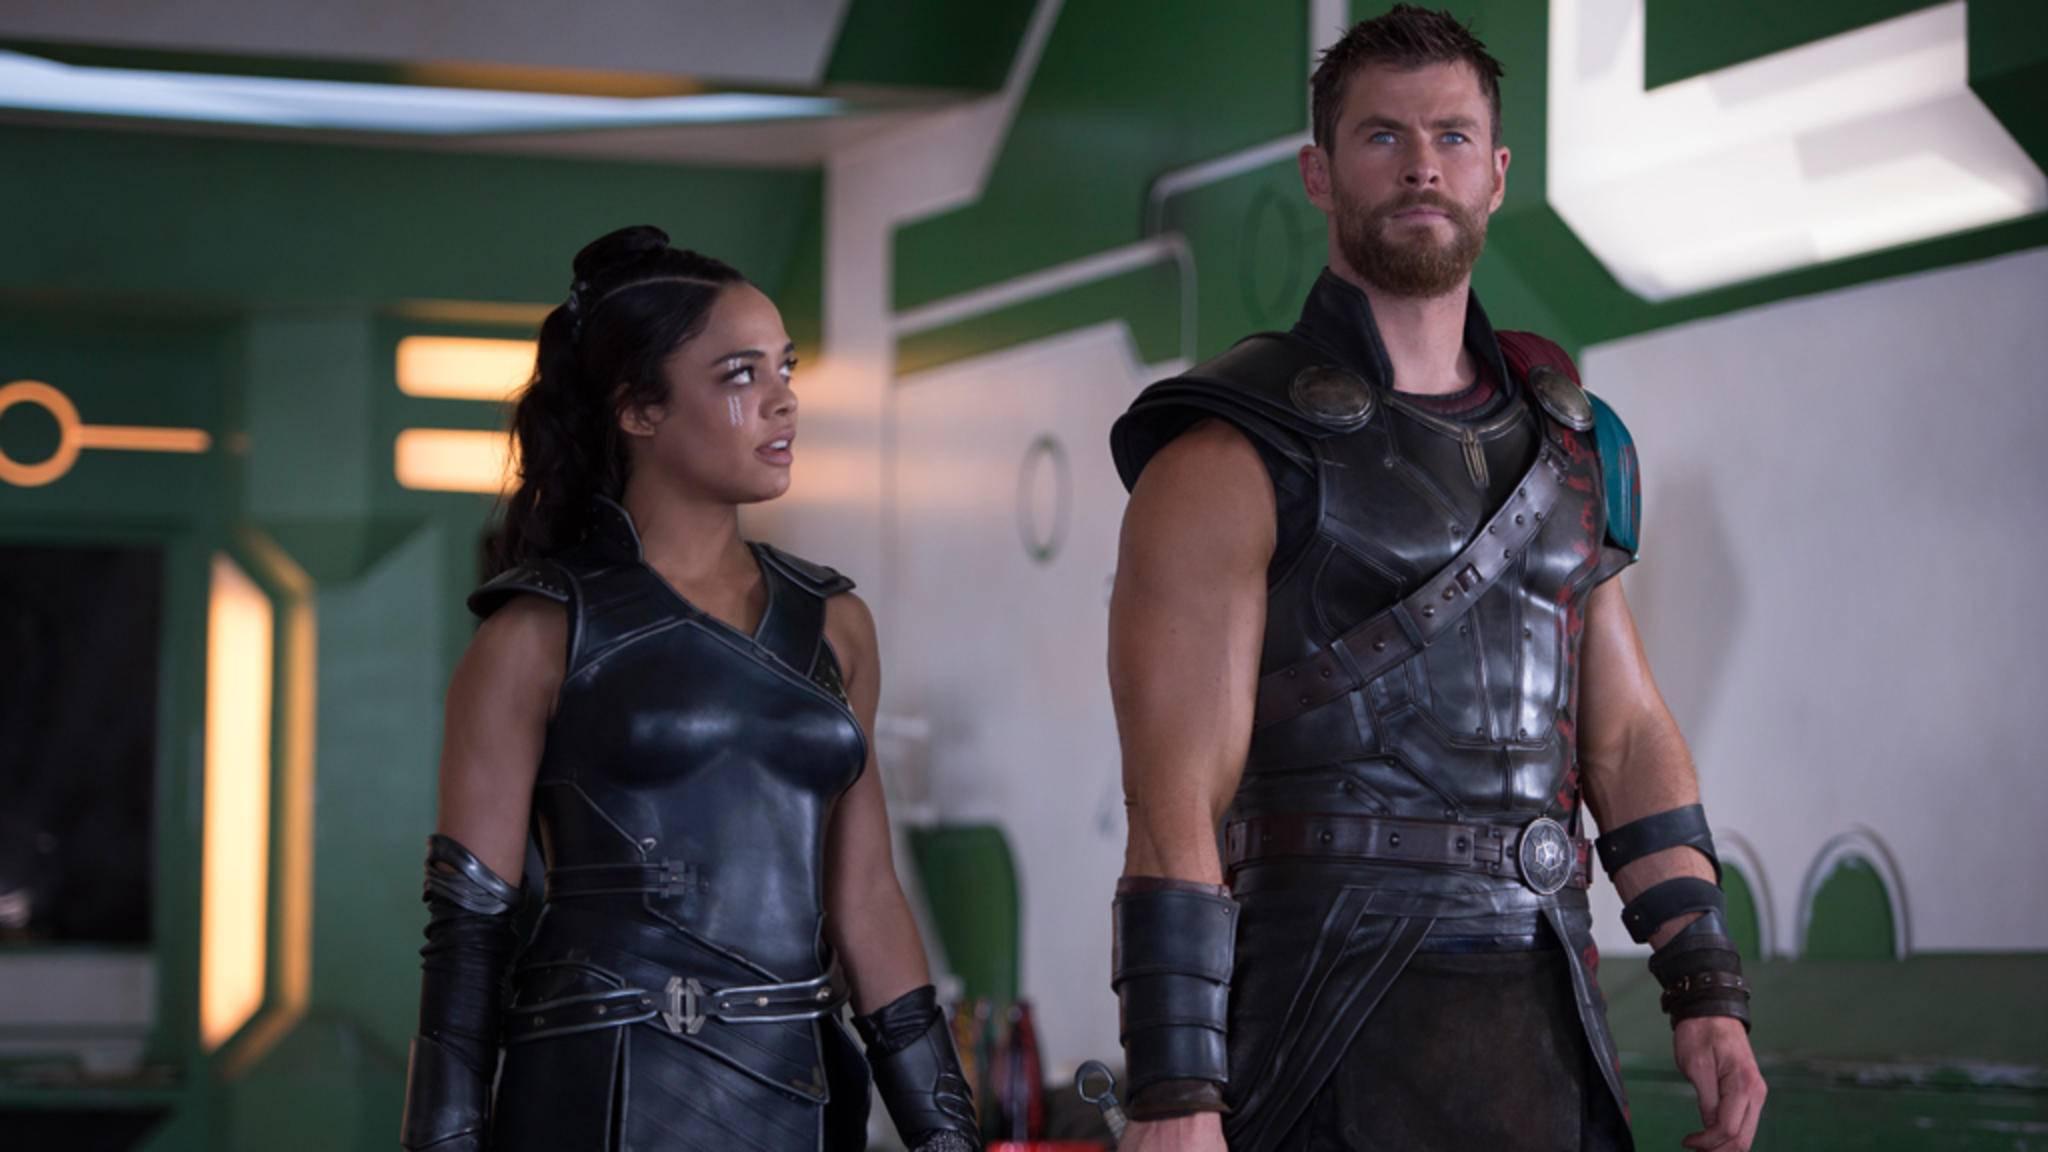 """Der erste Trailer zu """"Thor: Ragnarok"""" scheint sich schon bald seinen Weg in irdische Gefilde zu bahnen."""